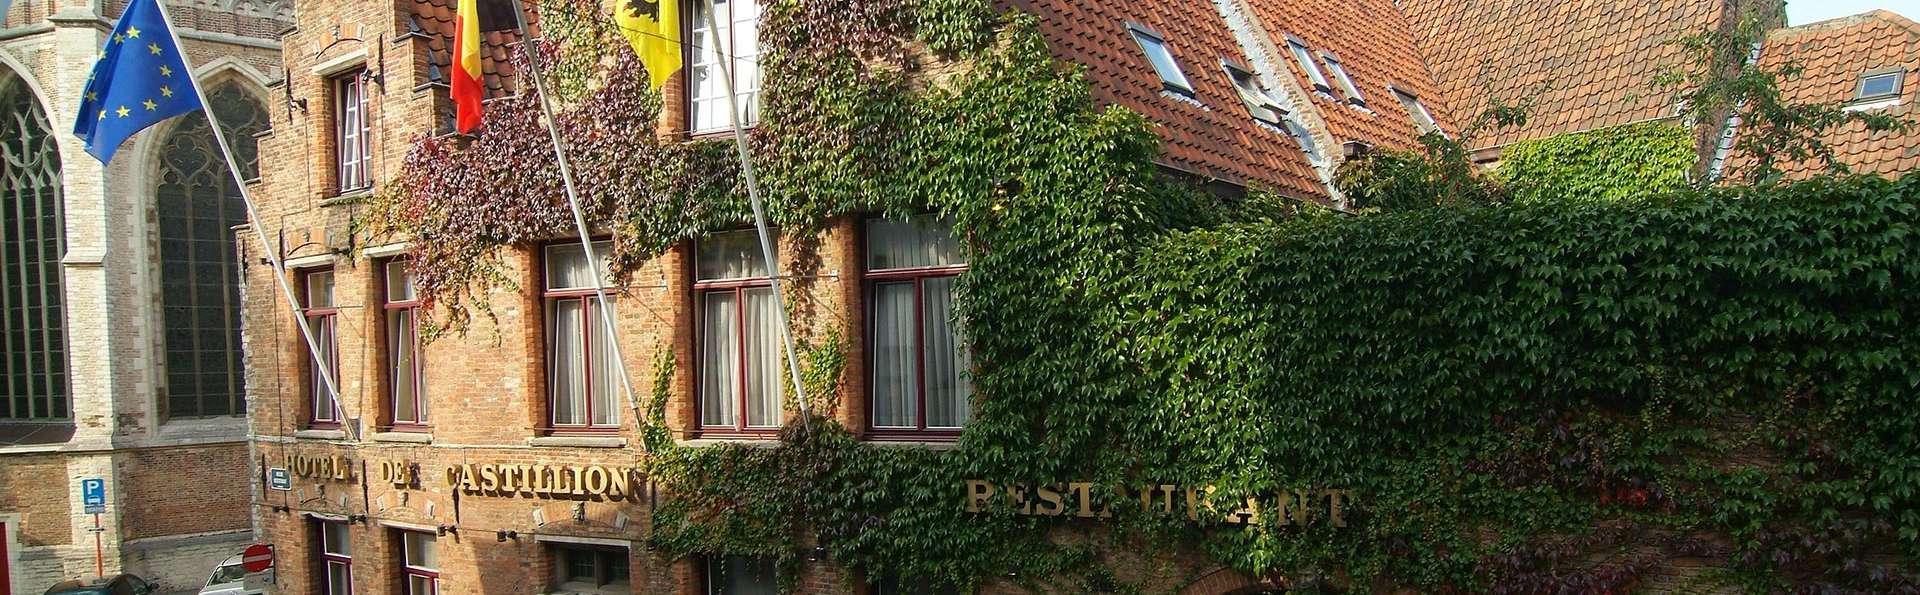 Hotel De Castillion - edit_front.jpg